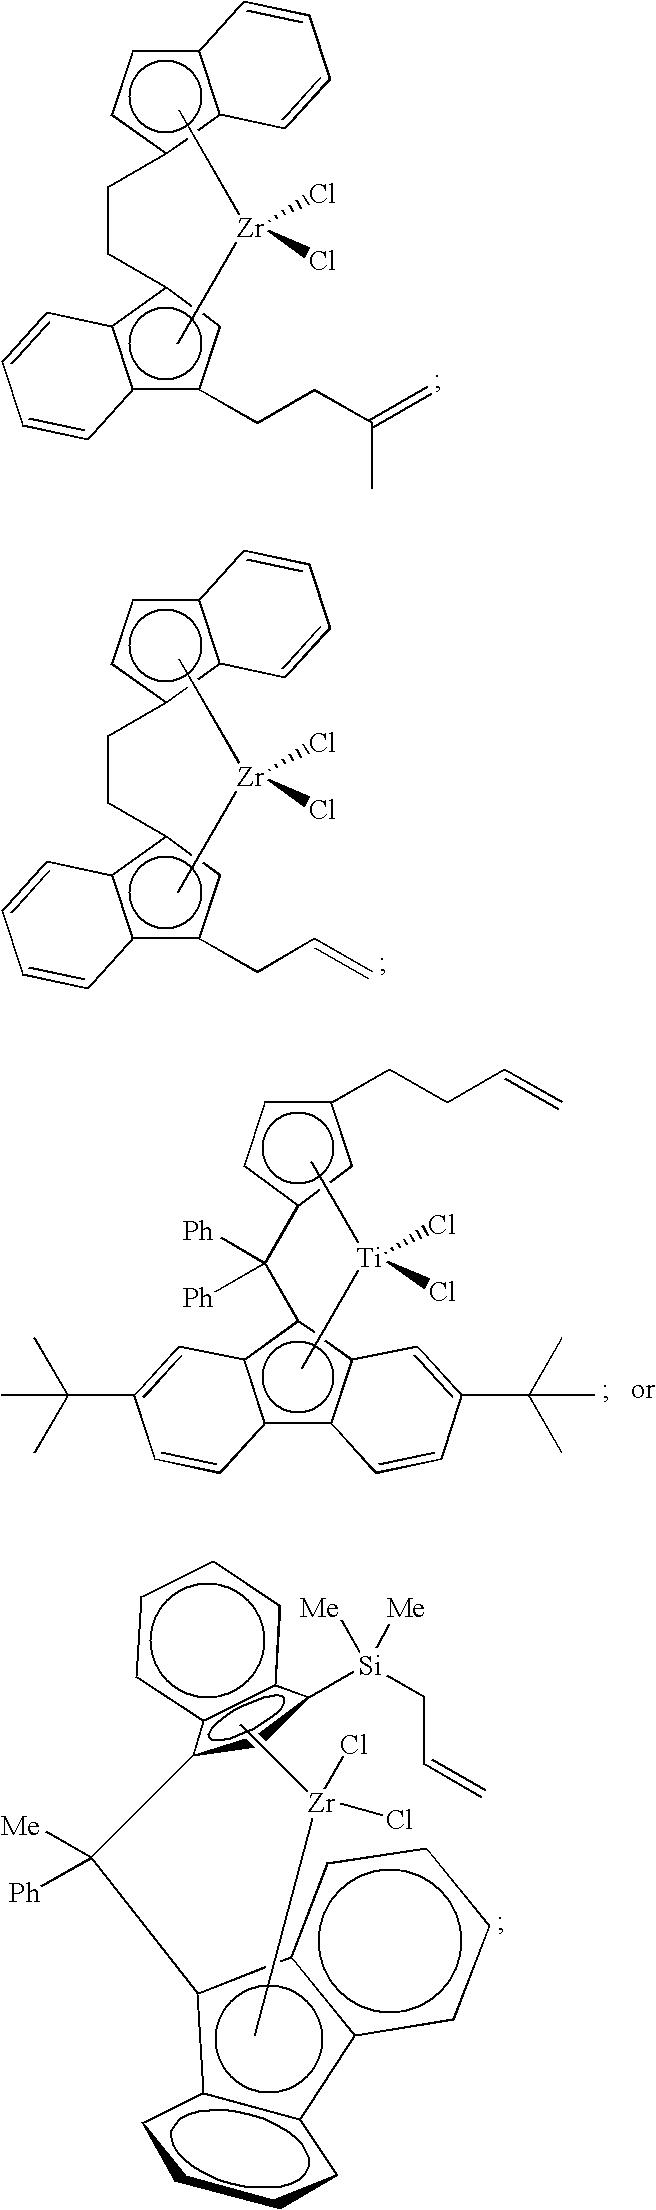 Figure US07884163-20110208-C00004